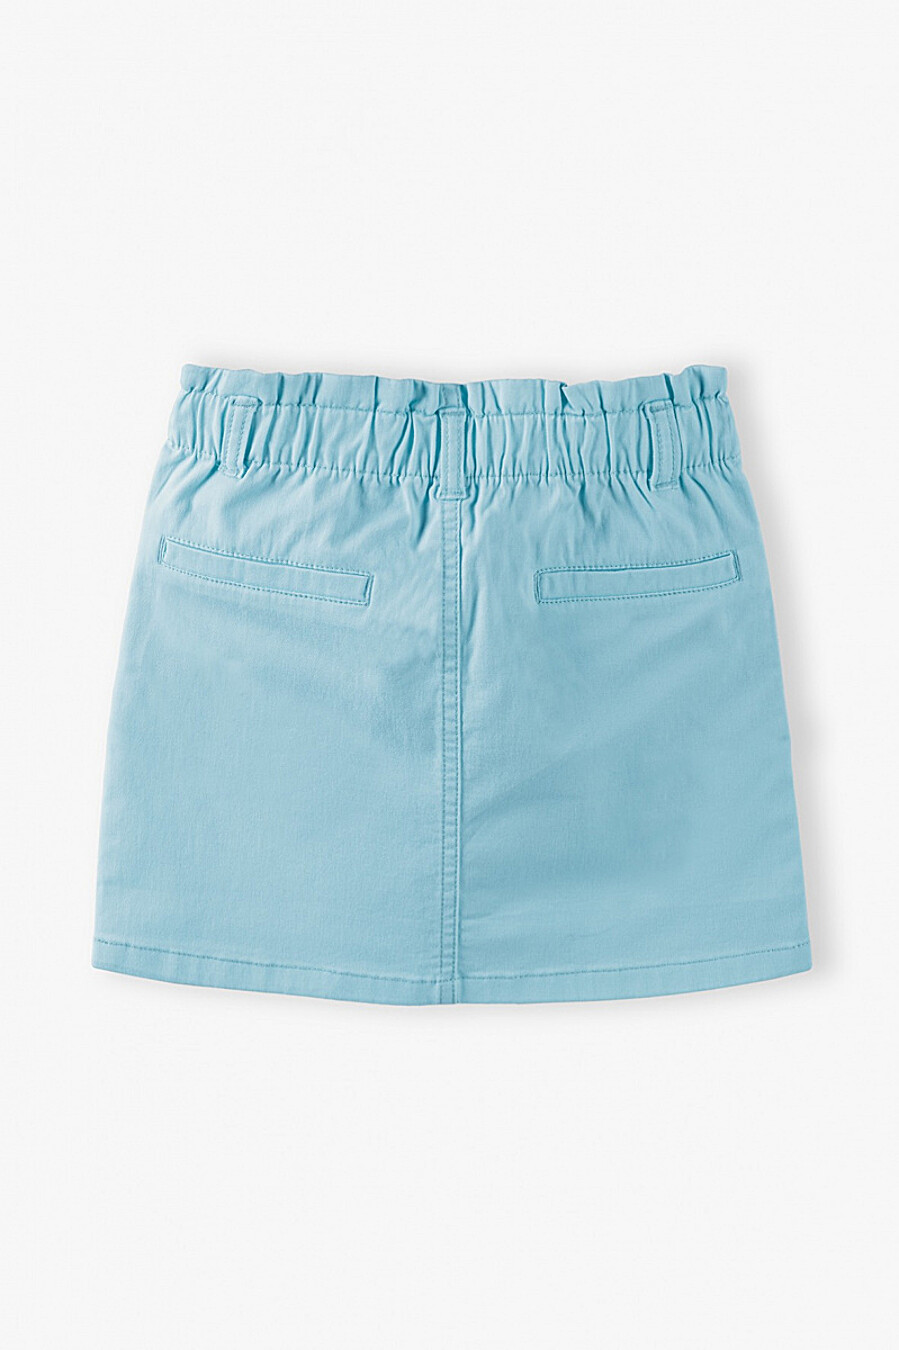 Юбка для девочек 5.10.15 668575 купить оптом от производителя. Совместная покупка детской одежды в OptMoyo